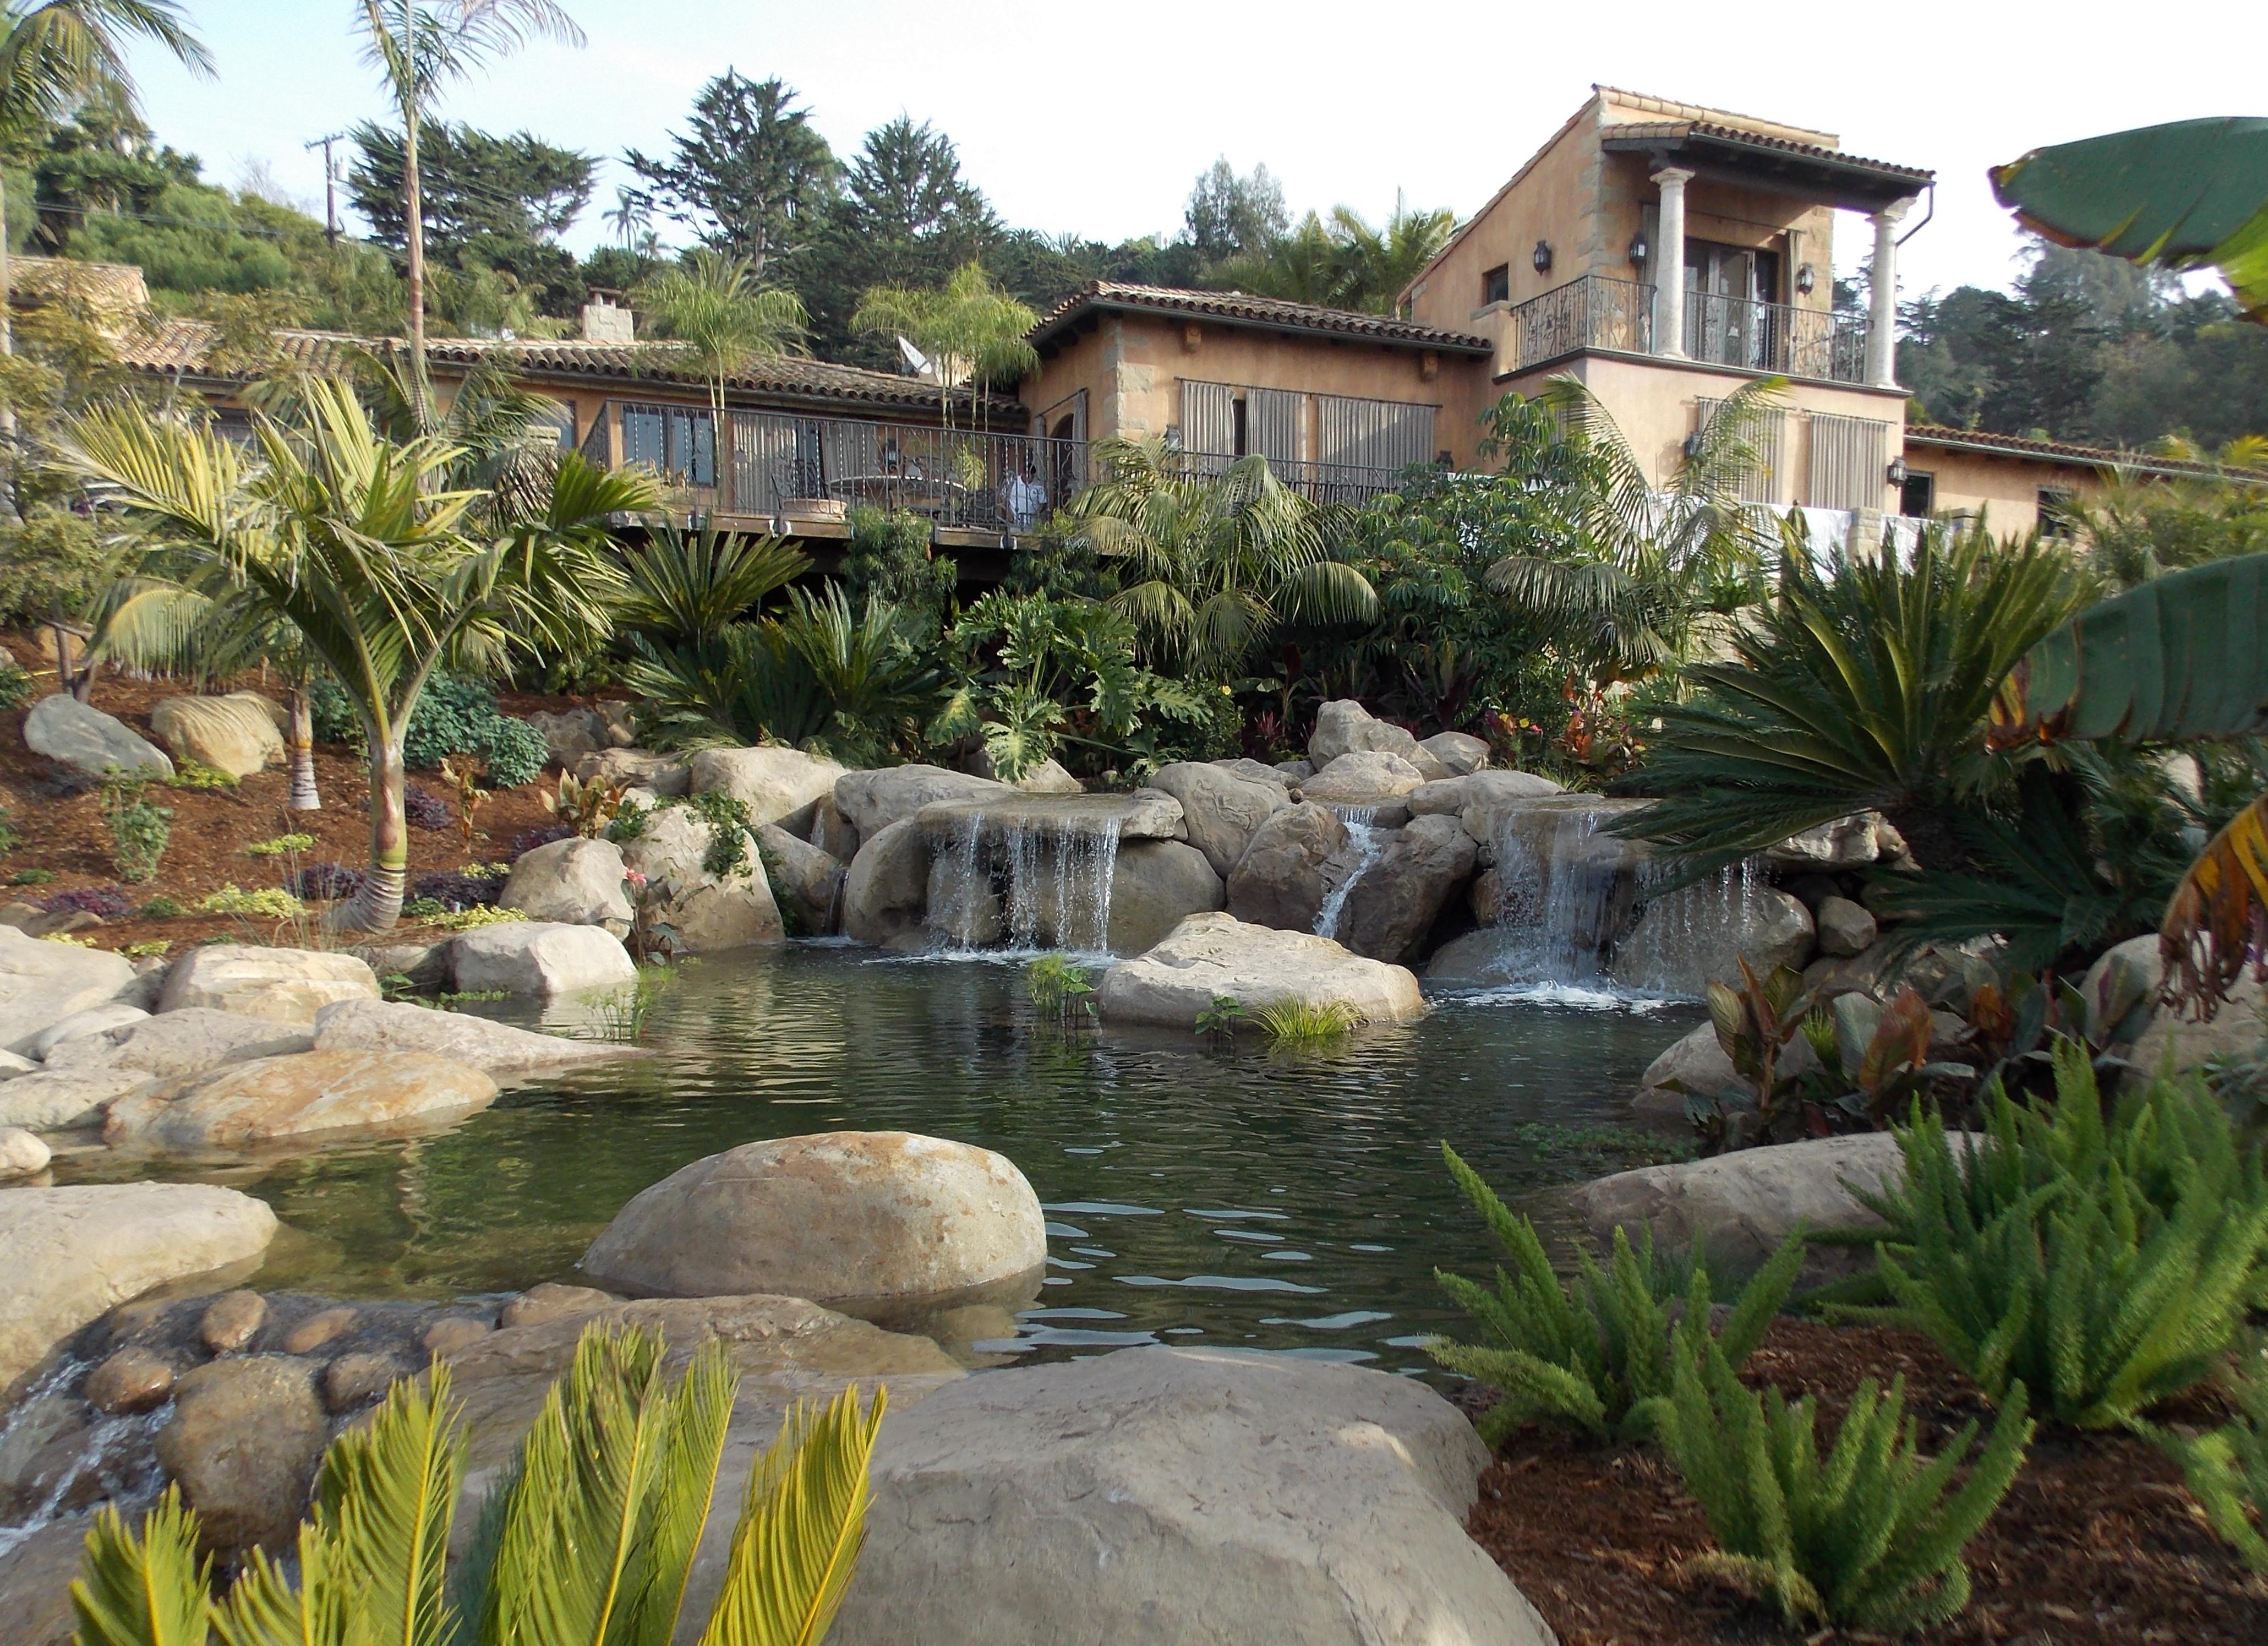 Tropical water garden photo